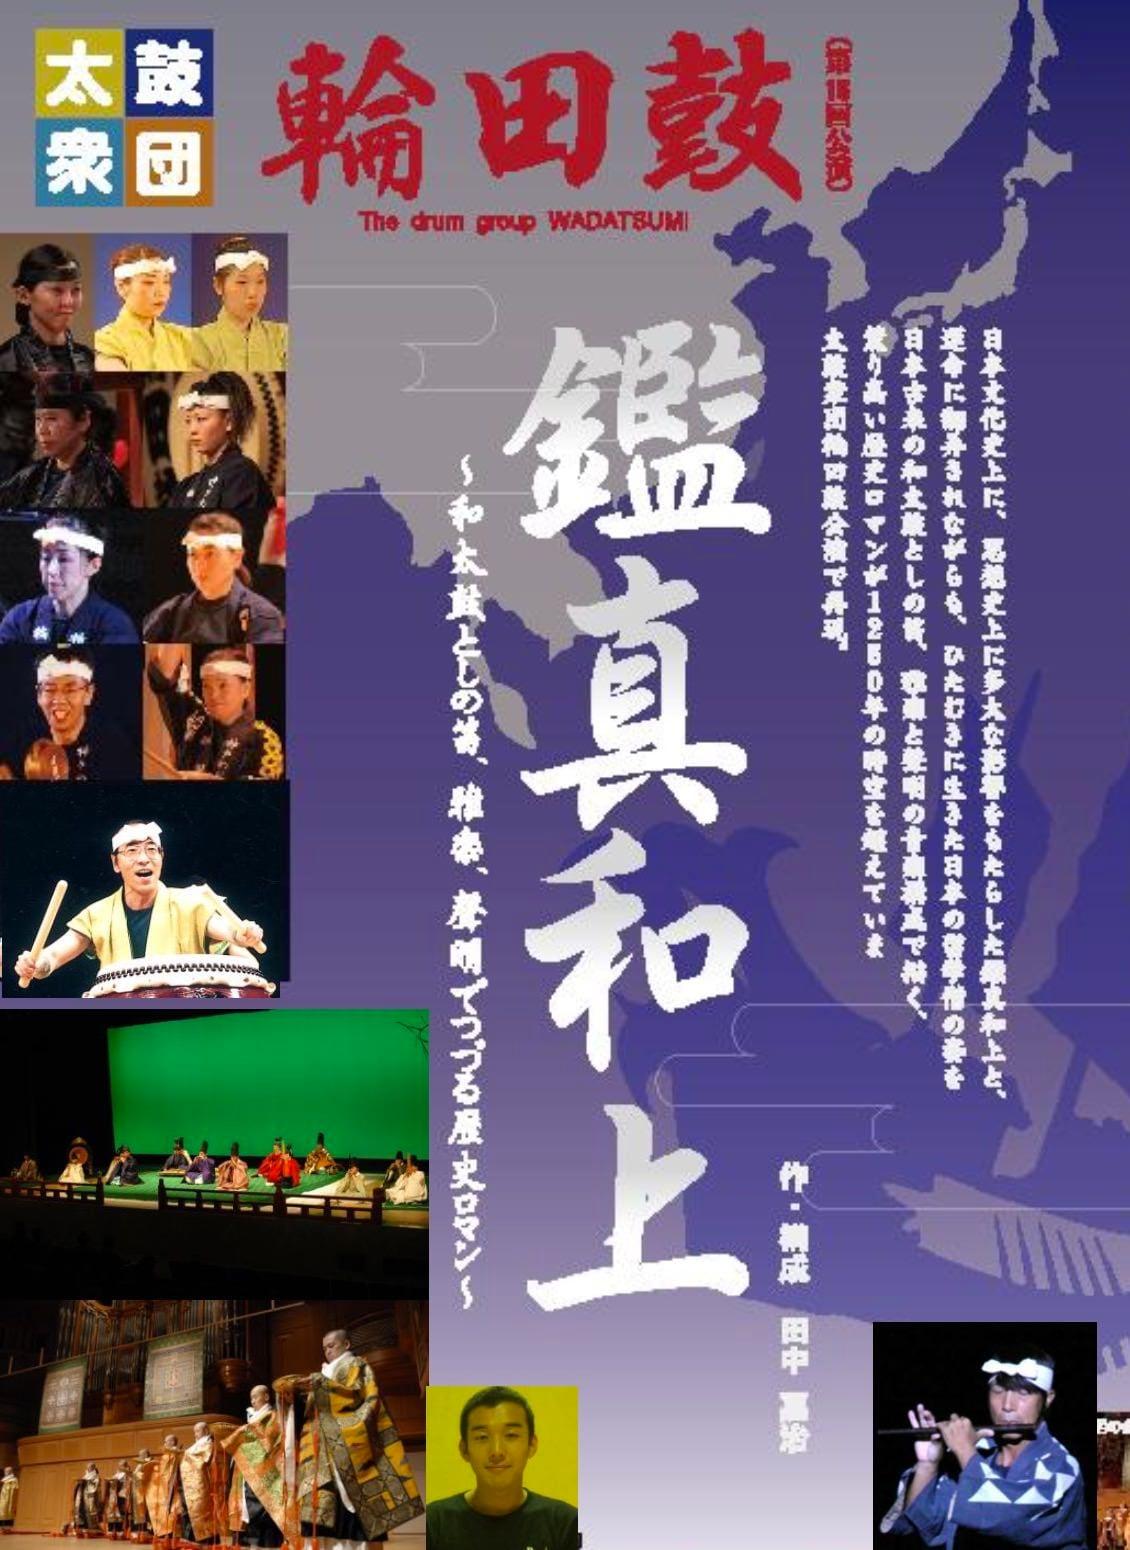 太鼓衆団 輪田鼓 第15回公演「鑑真和上」(DVD)